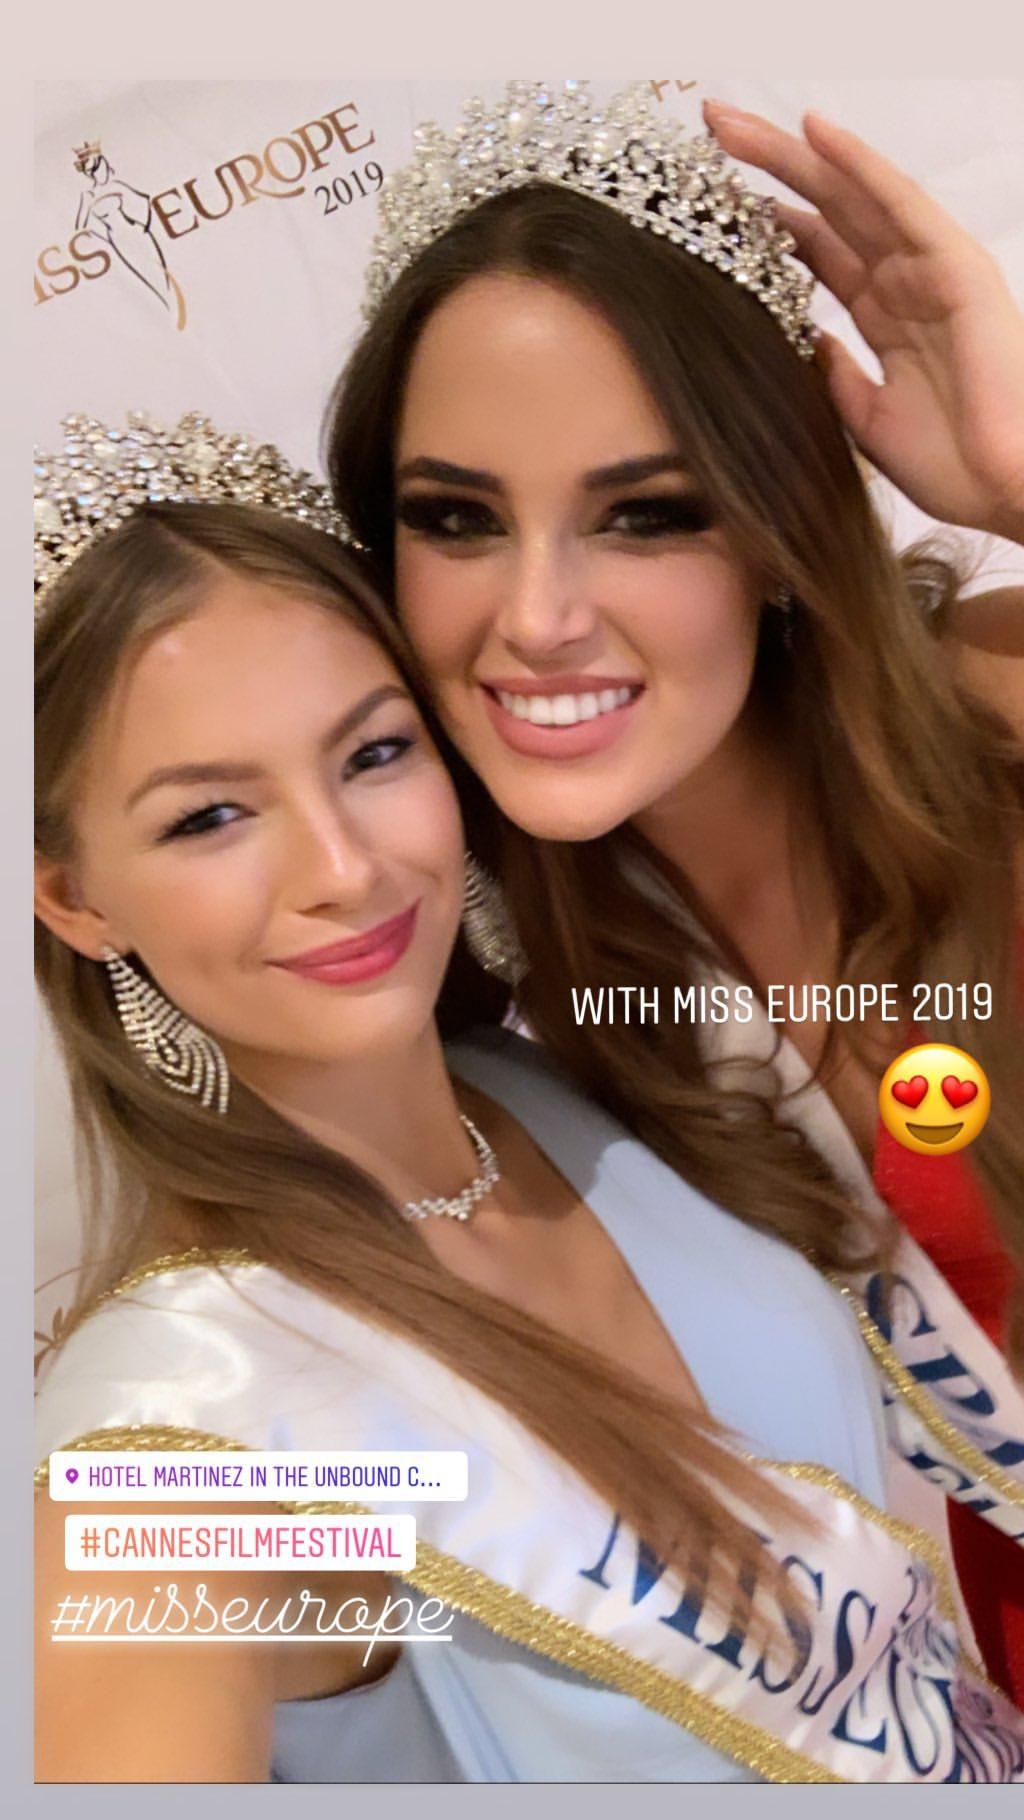 andrea de las heras, miss europe 2019. 59671410